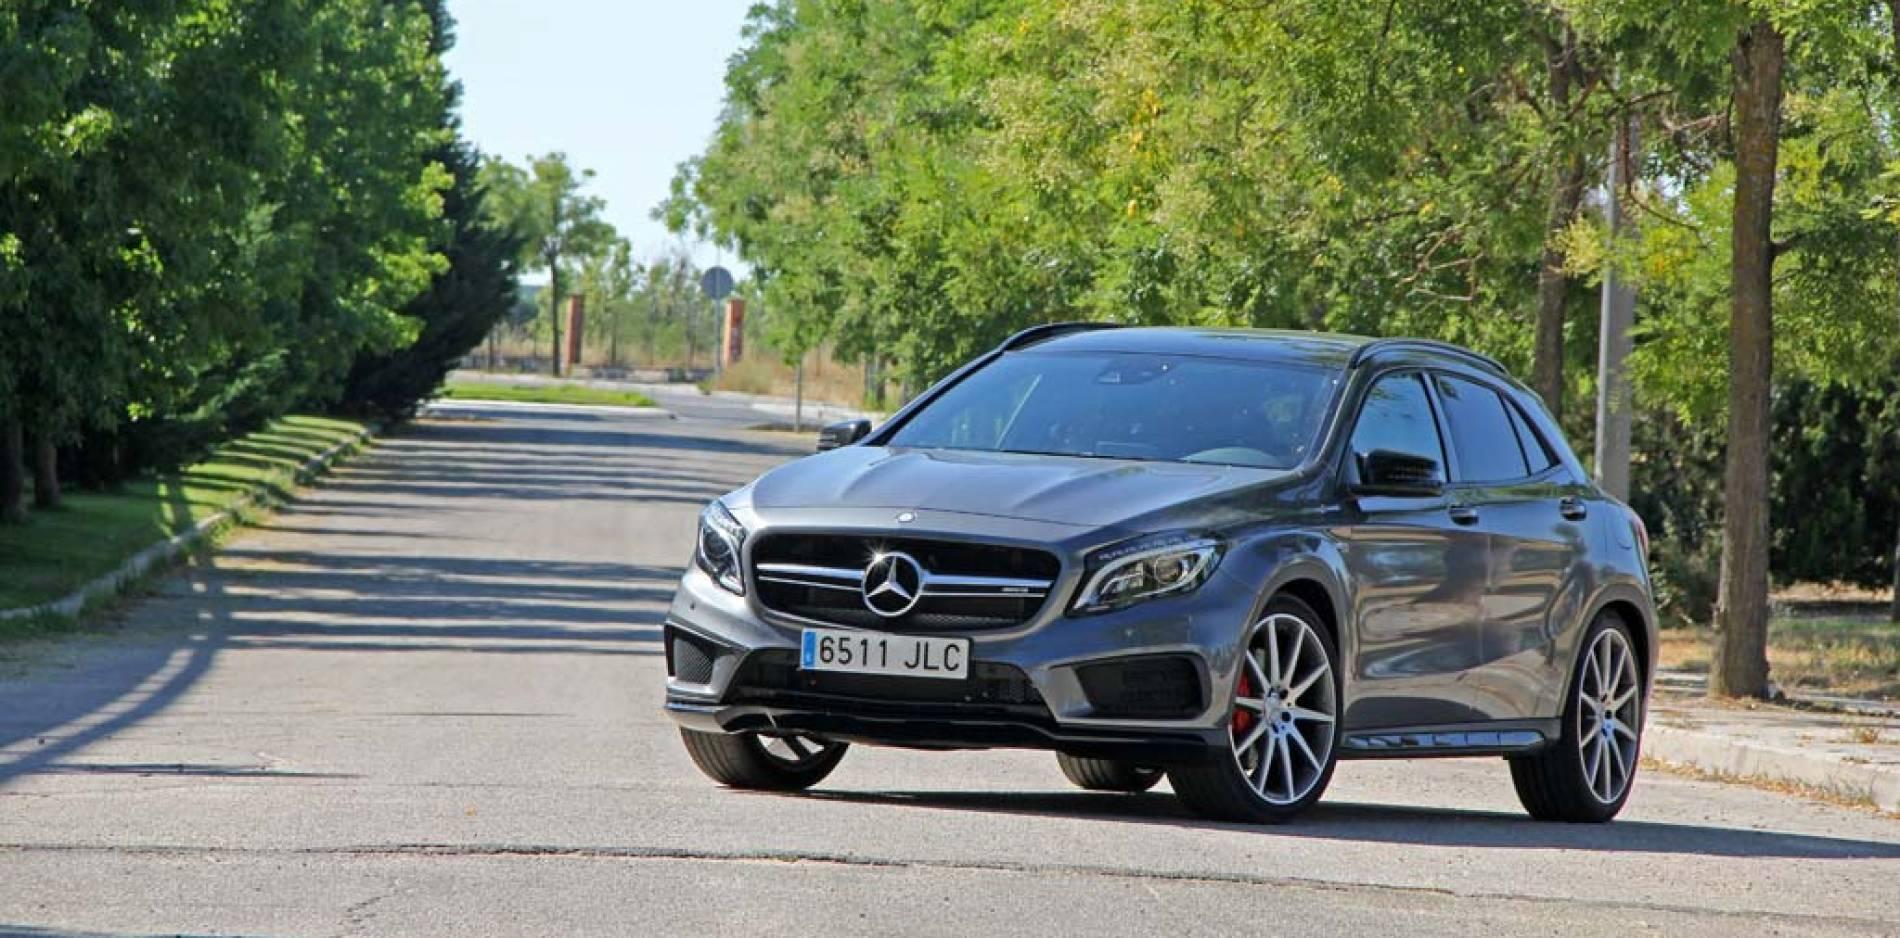 Prueba Mercedes-AMG GLA 45 4MATIC, nunca más un SUV fue aburrido